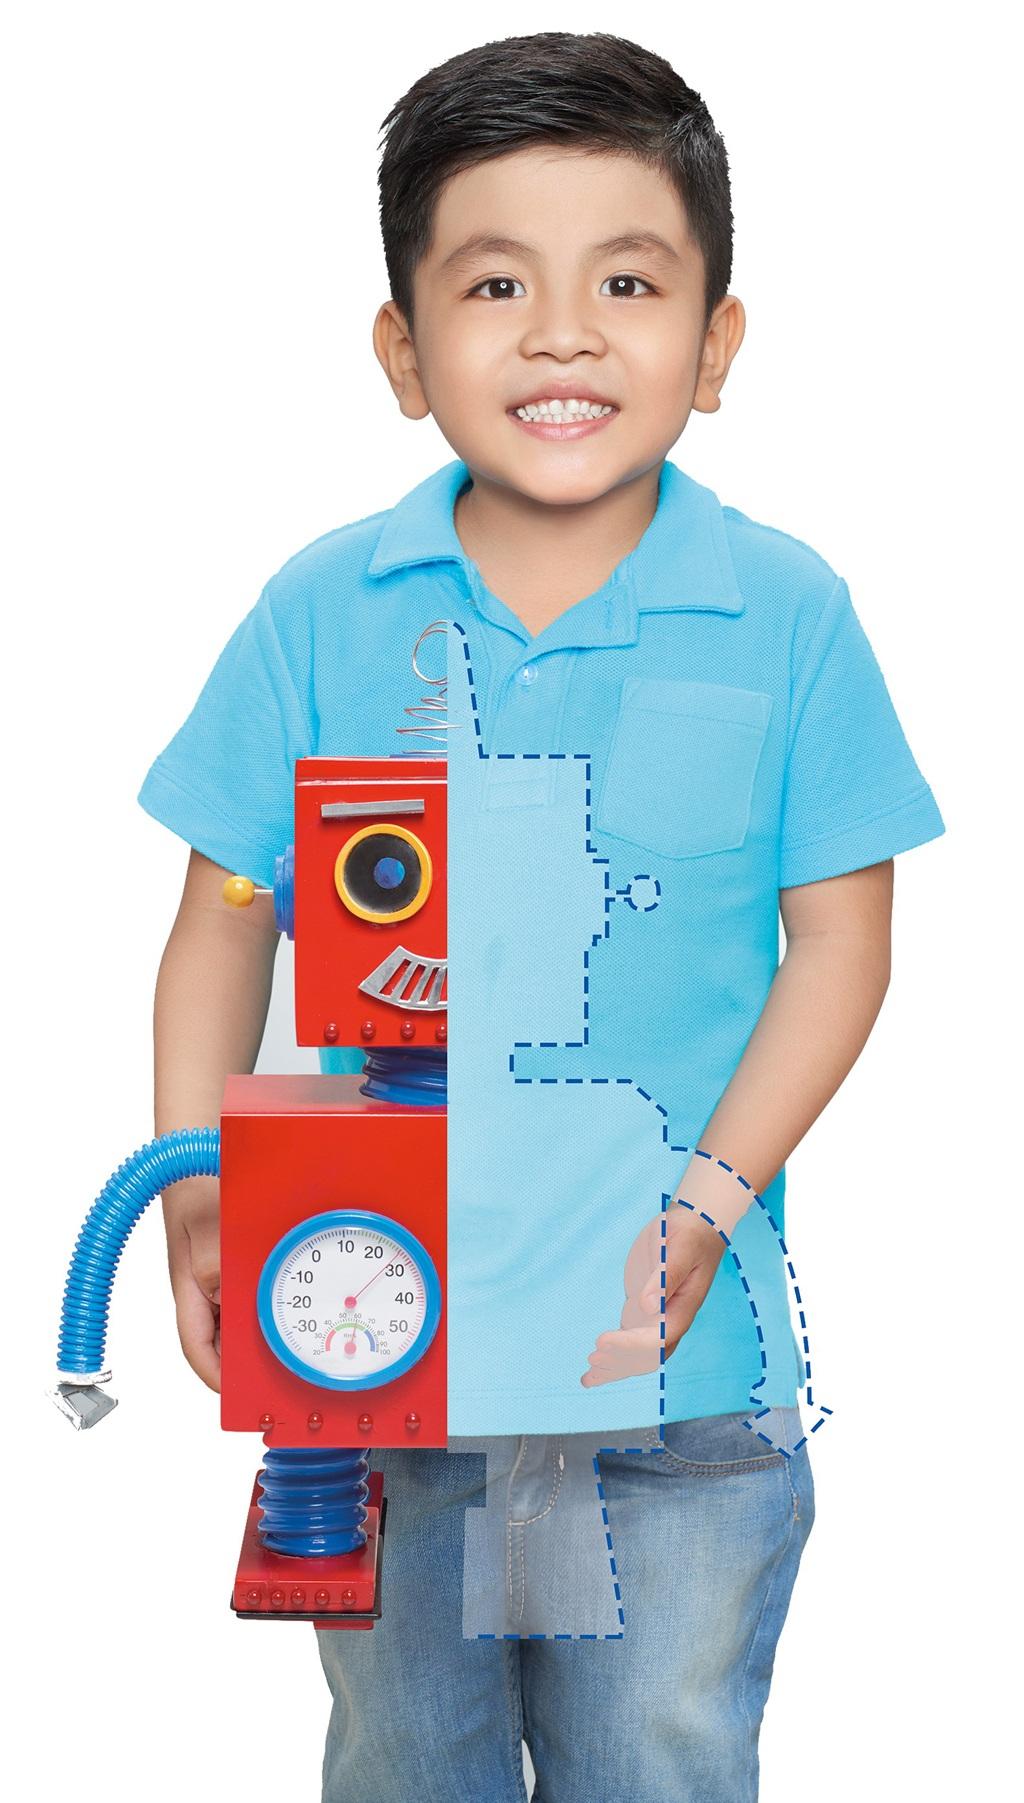 Tình trạng thiếu vi chất đáng báo động ở trẻ em Việt - 1